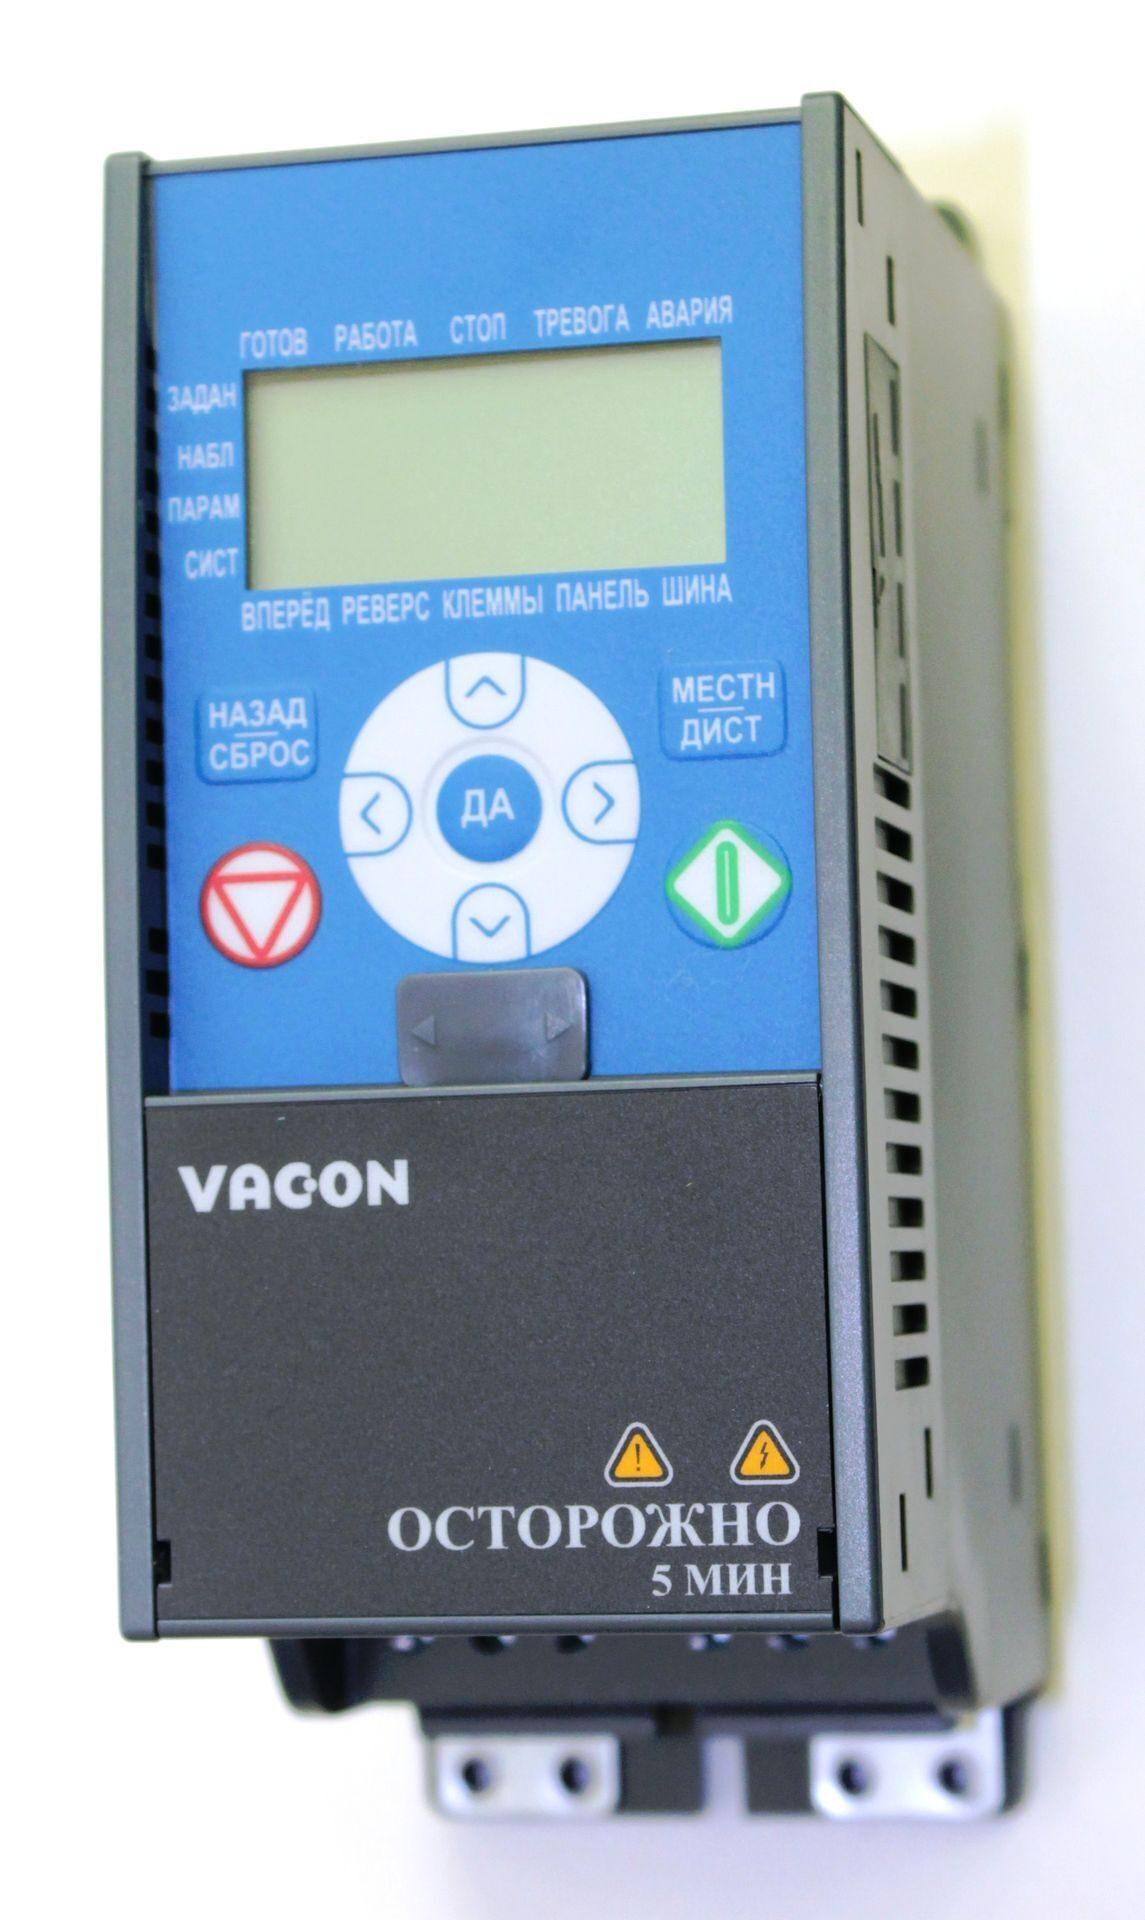 Частотные преобразователи vacon инструкция